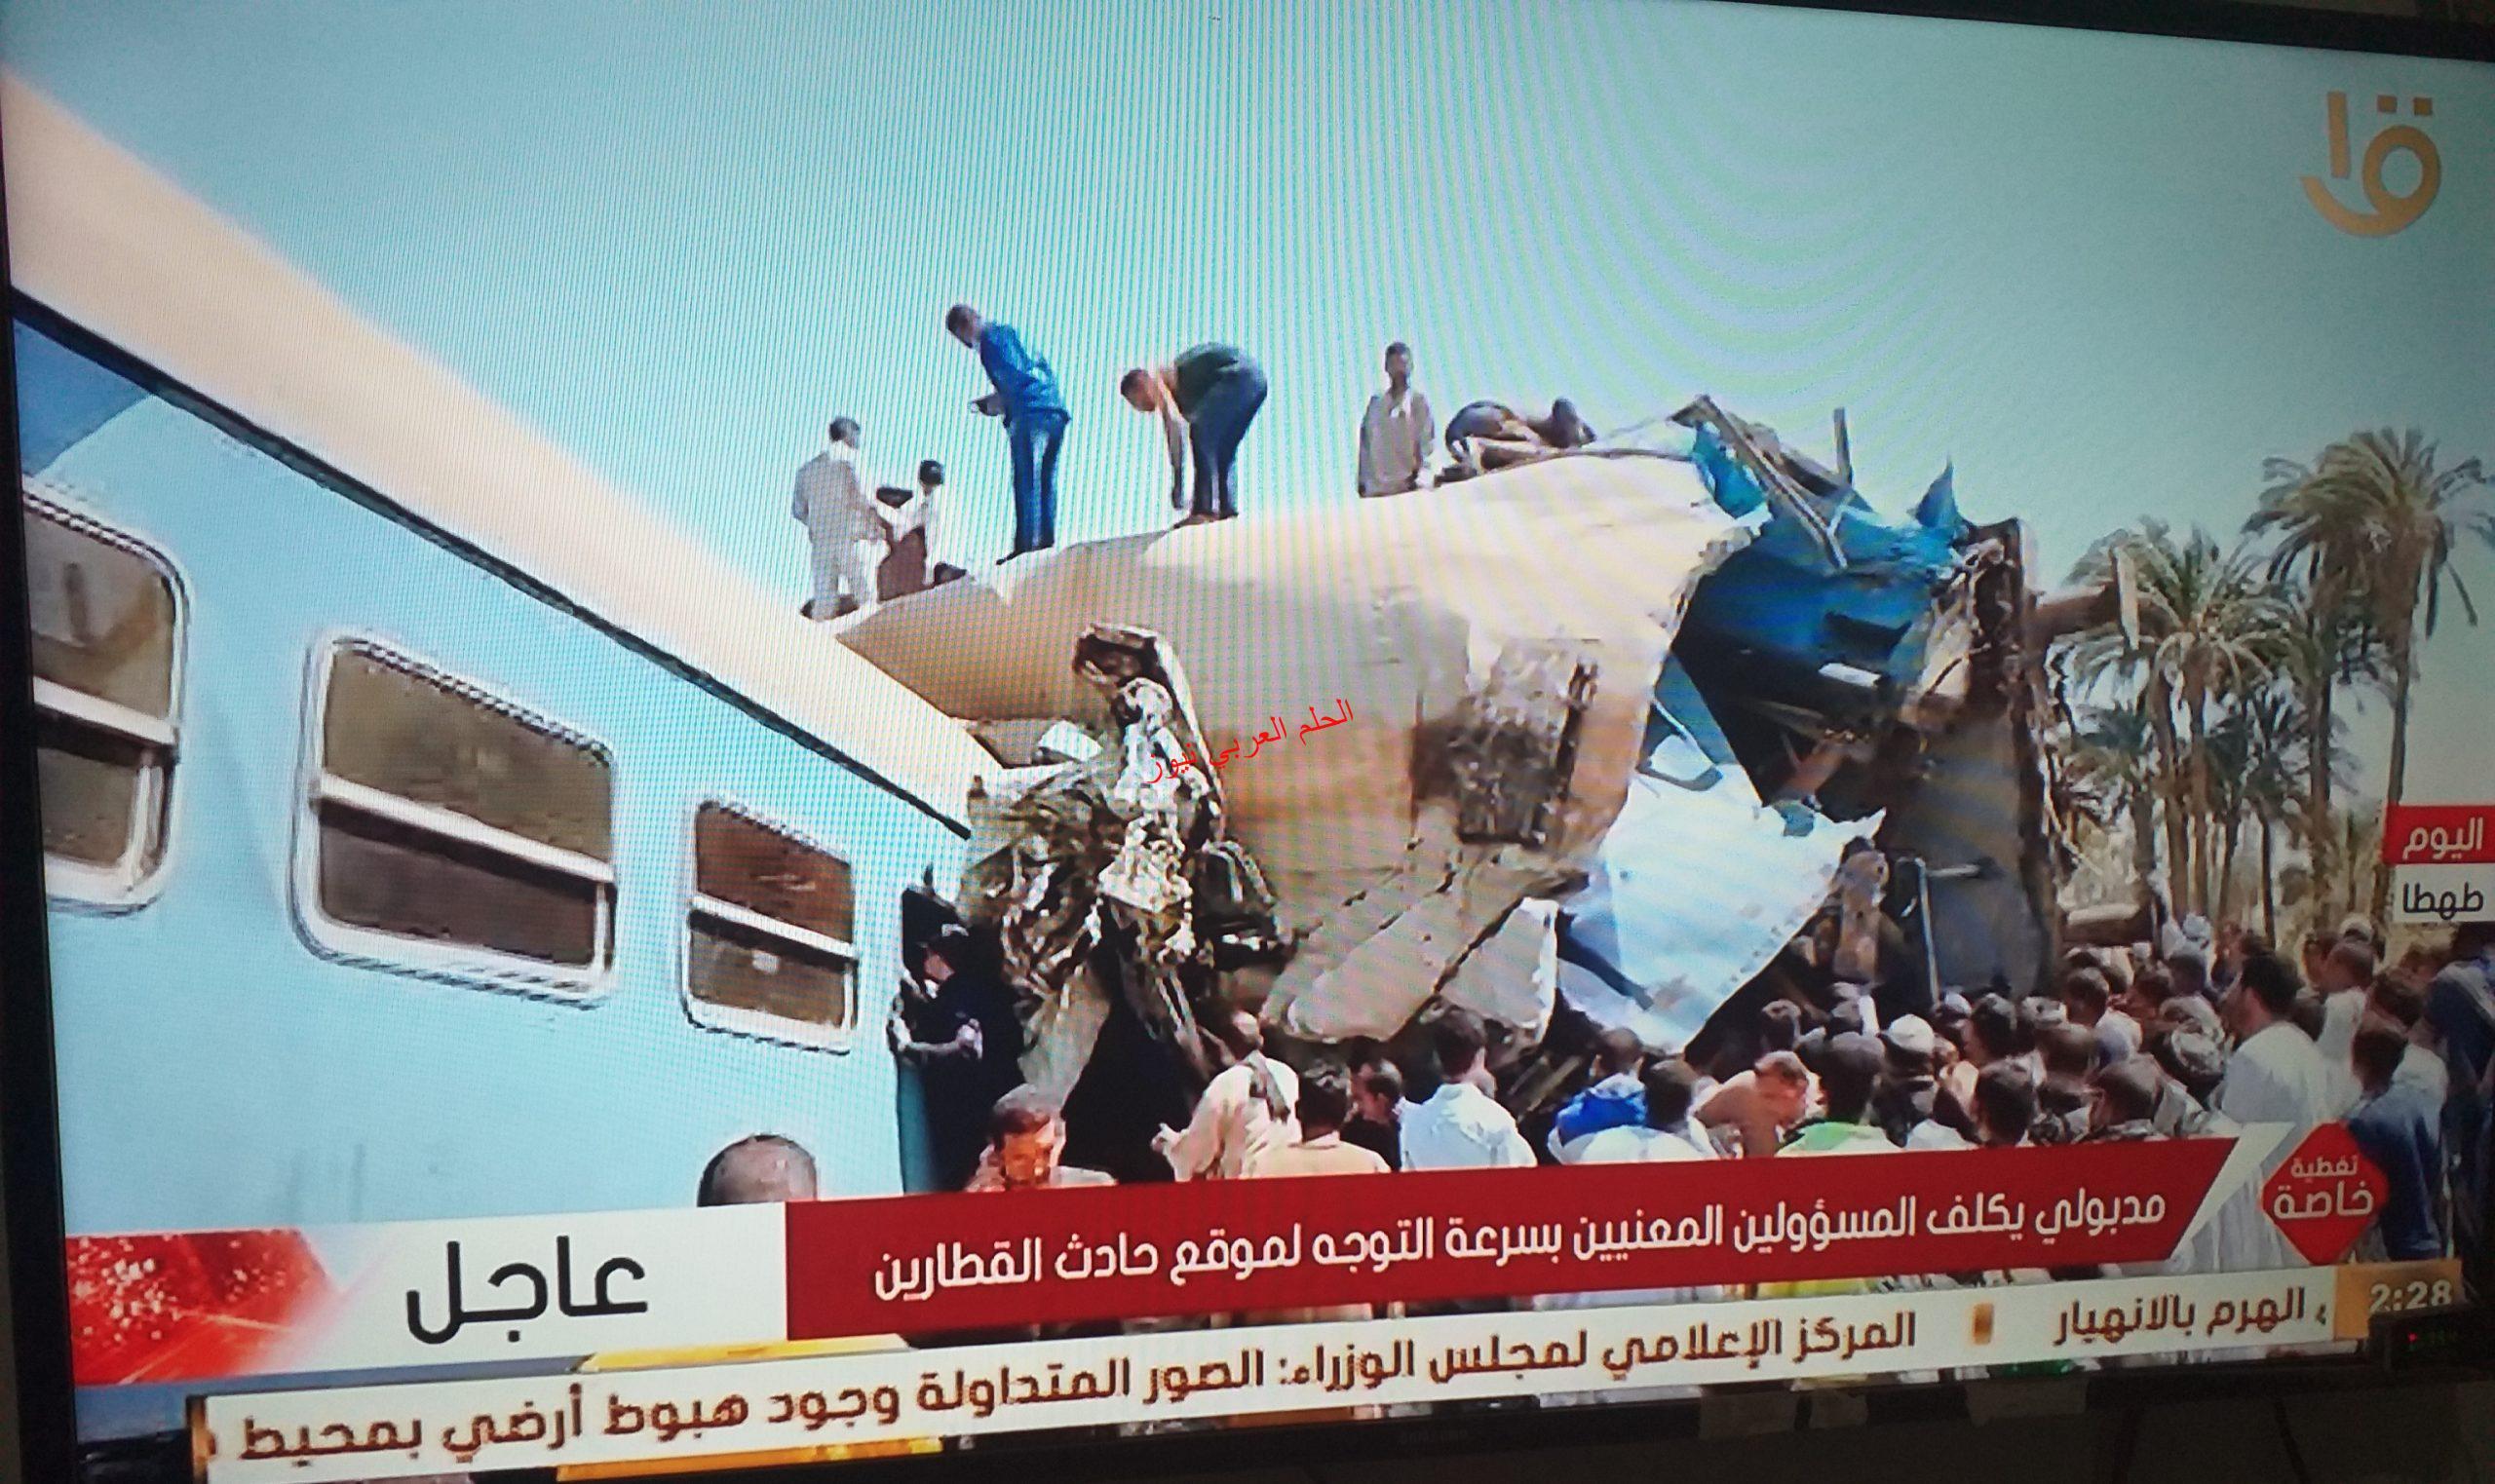 كارثة أستضام قطارين بسبب فك بلف الخطربقلم ليلي حسين